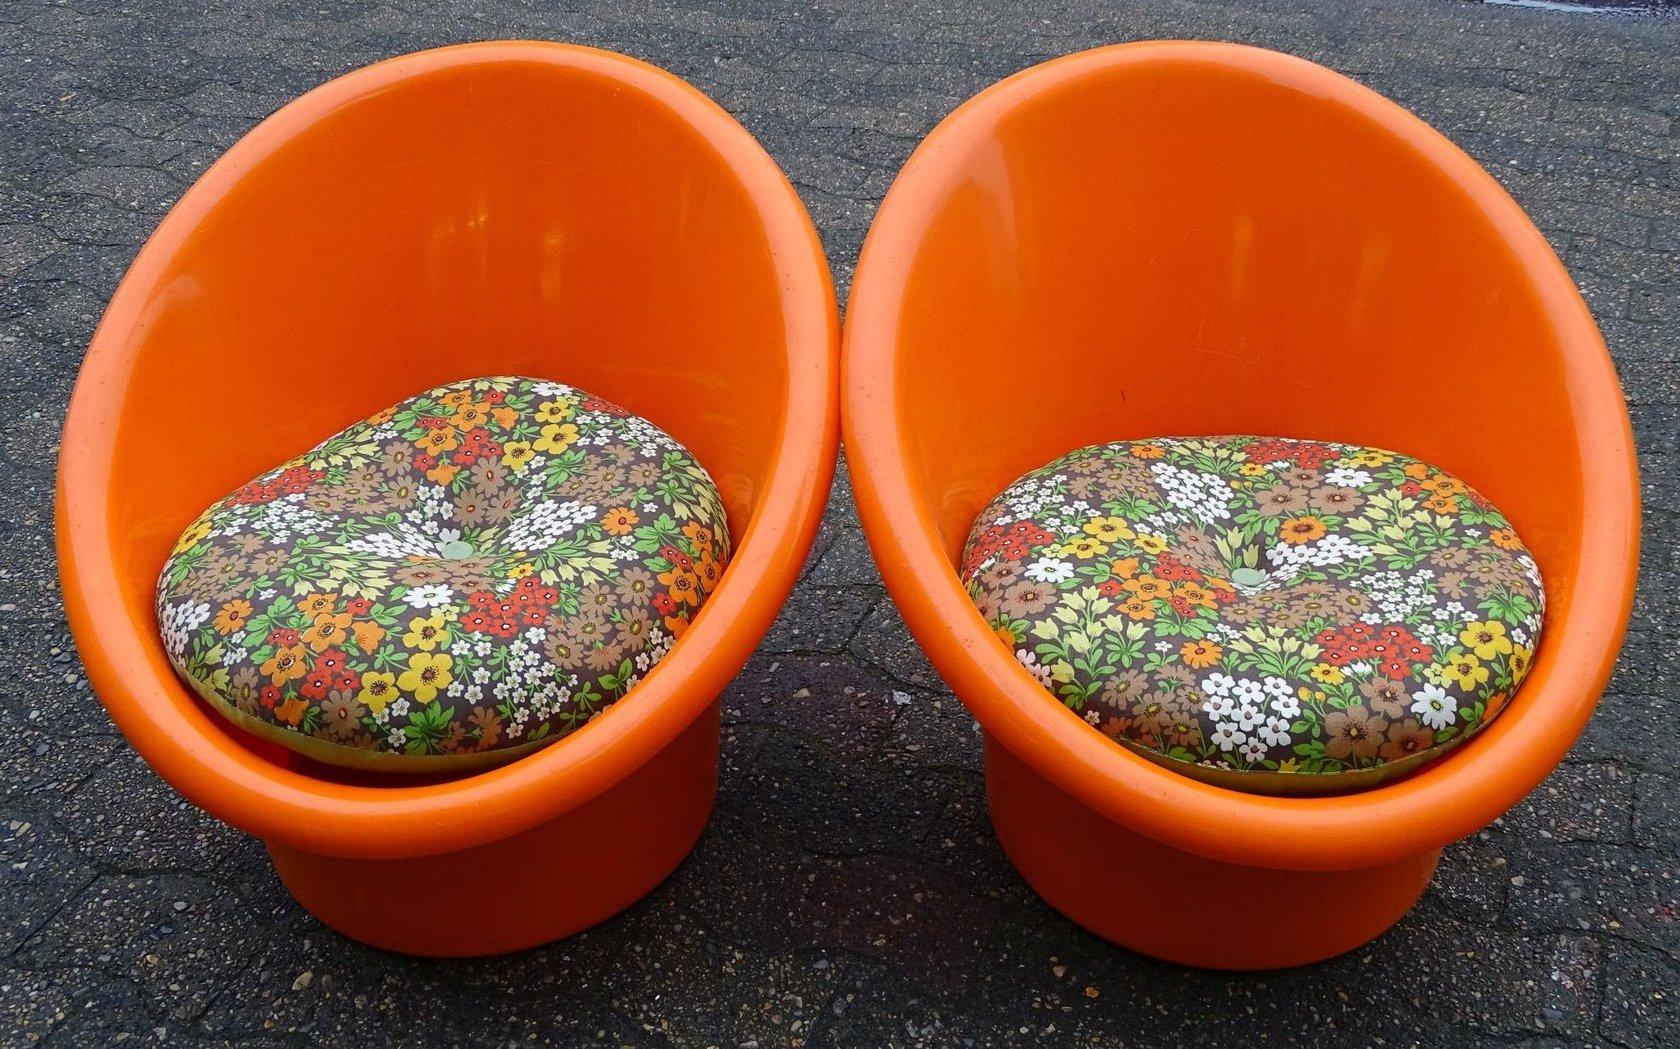 Ganz und zu Extrem 2 kl. Kunststoff-Sessel, dänisches Design - Angebote der &FP_13